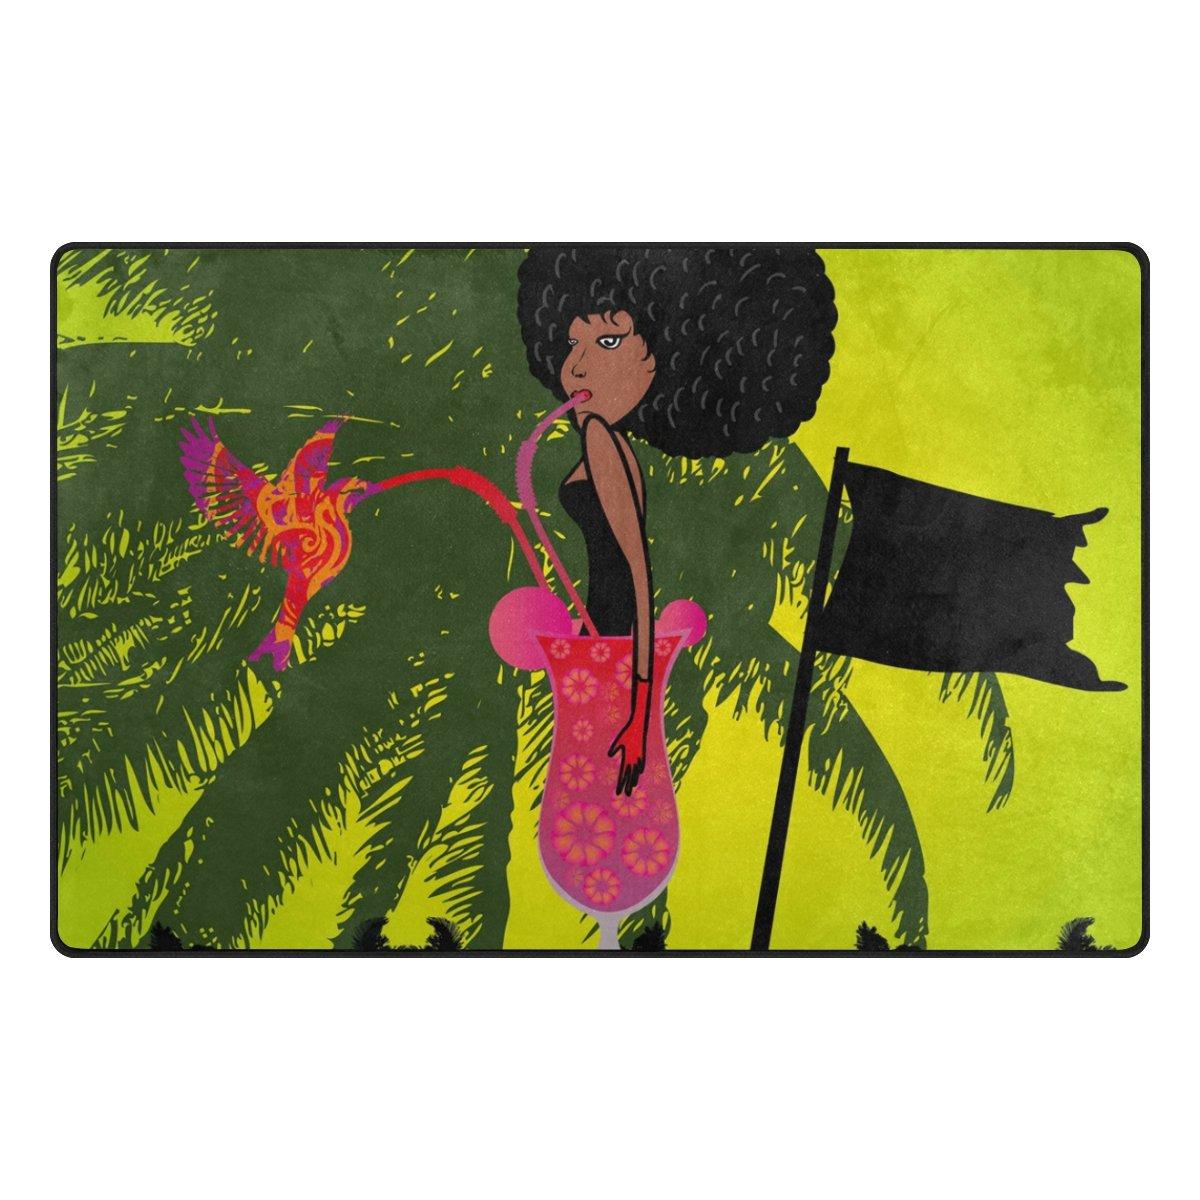 Benni giry pájaro Rango de mujeres africanas Alfombra antideslizante Diario de DF920felpudos para salón dormitorio 78,7x 50,8cm, poliéster, multicolor, 31 x 20 inch